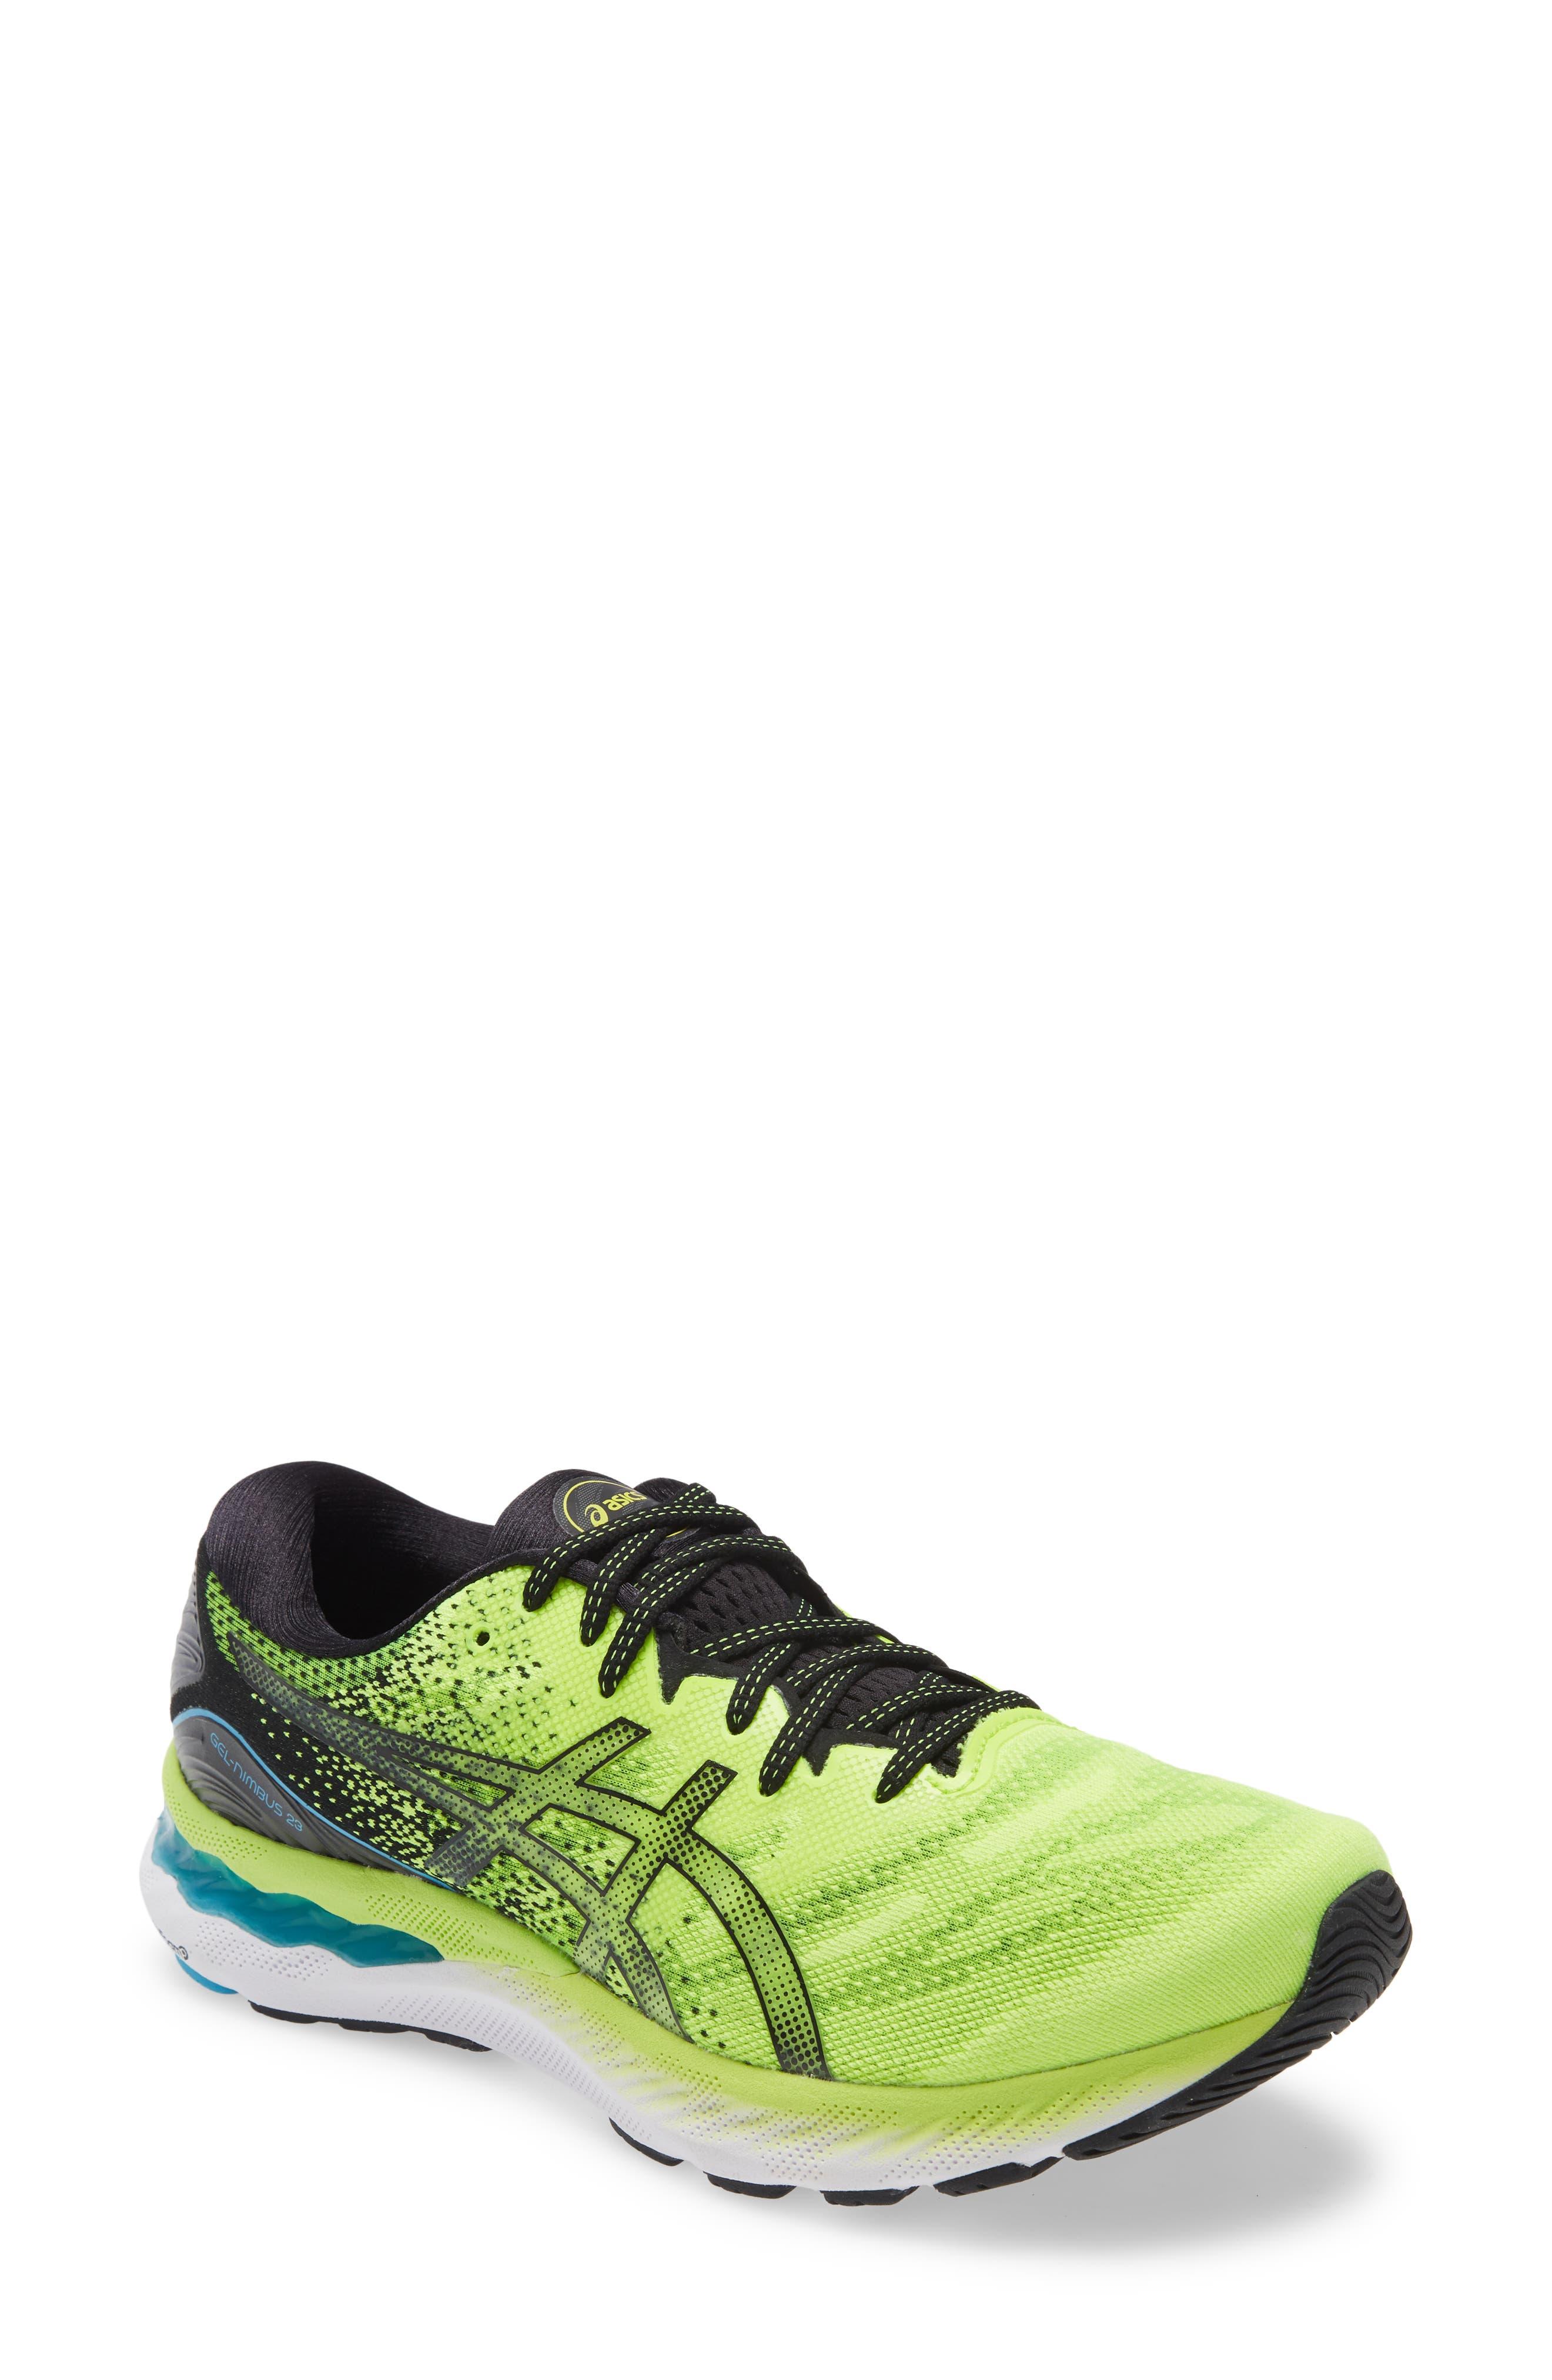 Men's Asics Gel-Nimbus 23 Running Shoe